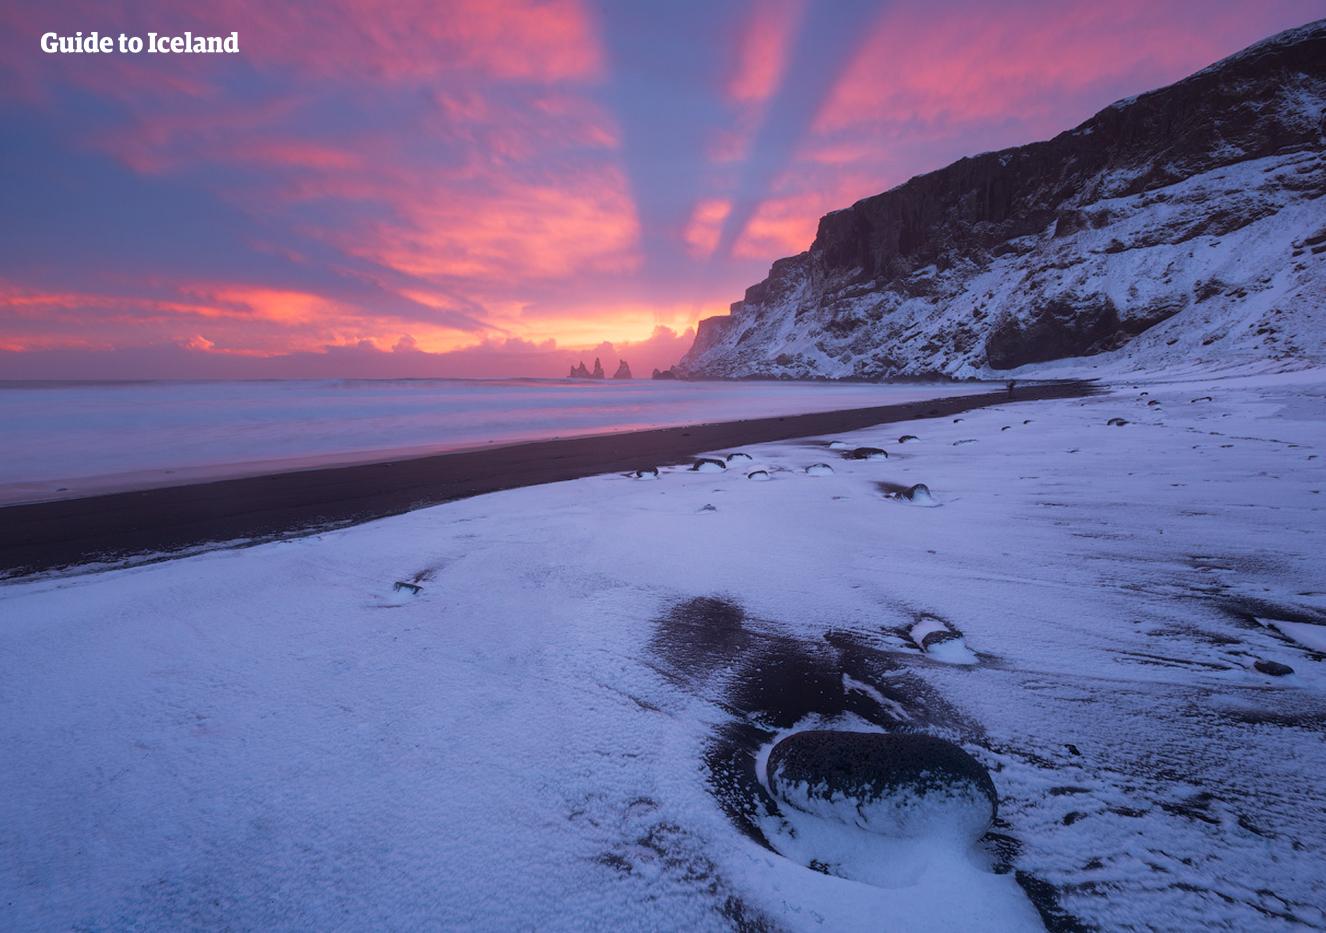 검은모래해변인 레이니스퍄라의 겨울철 전경